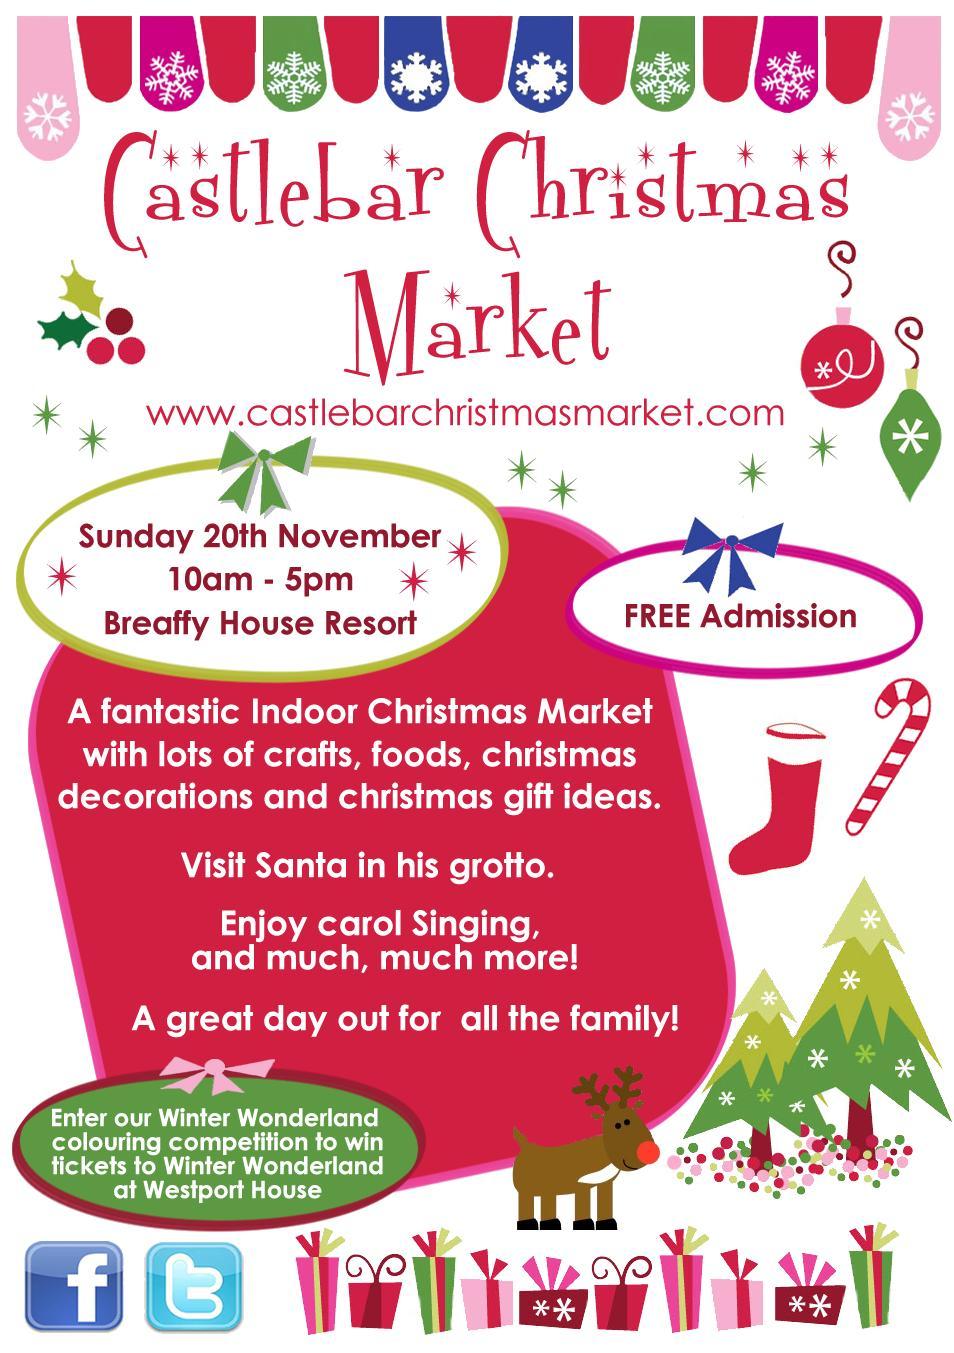 Christmas_Market_Poster_2_1.jpg